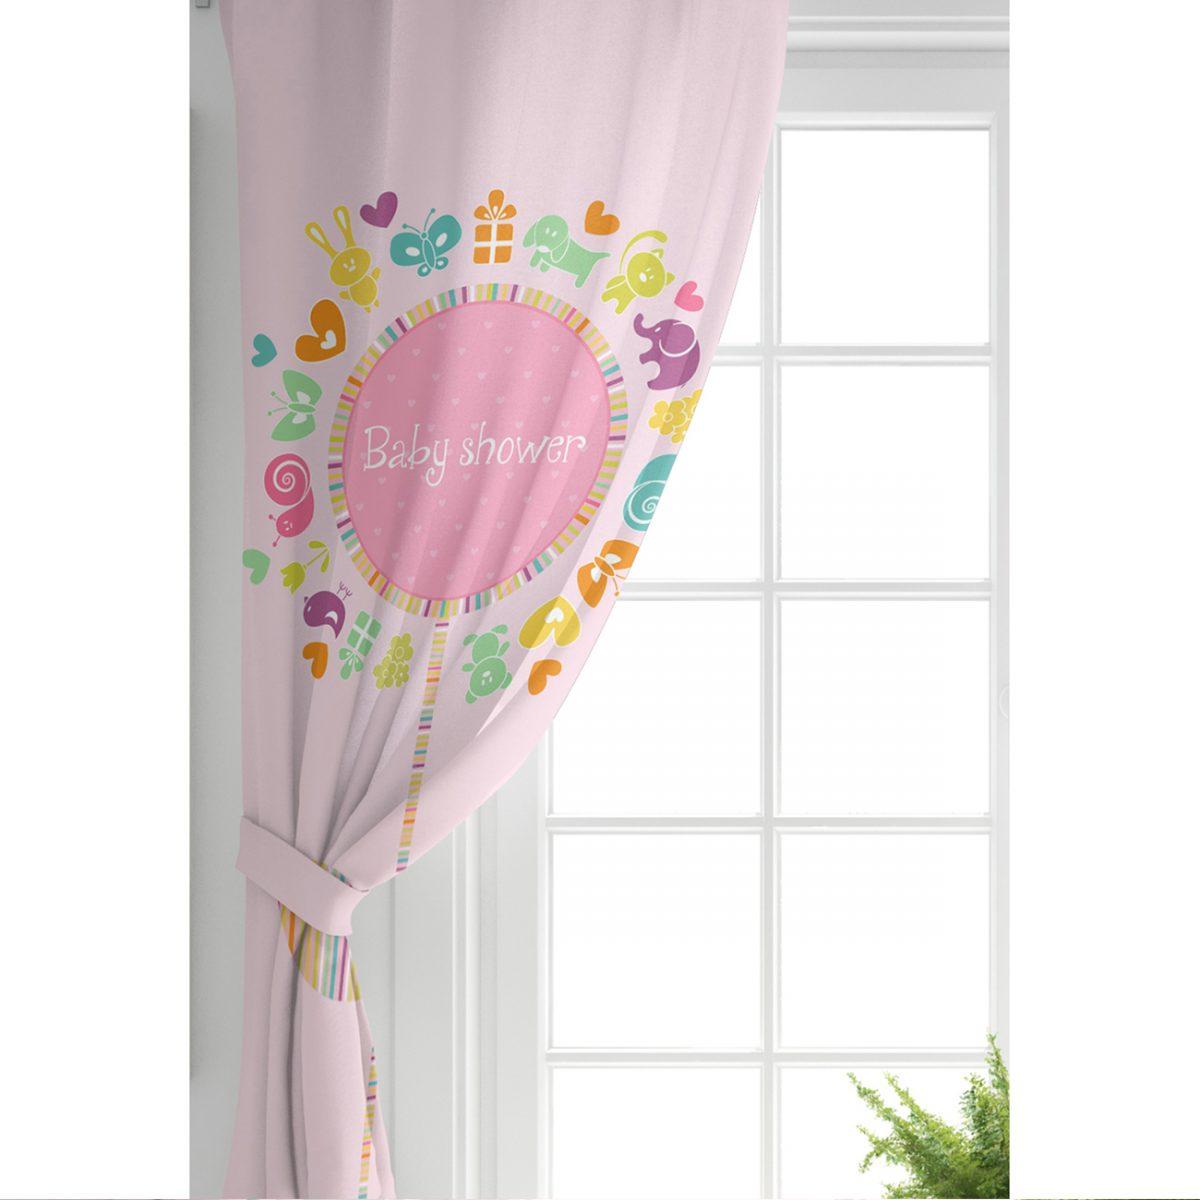 Pembe Zeminde Baby Shower Tasarımlı Çocuk Odası Fon Perde Realhomes